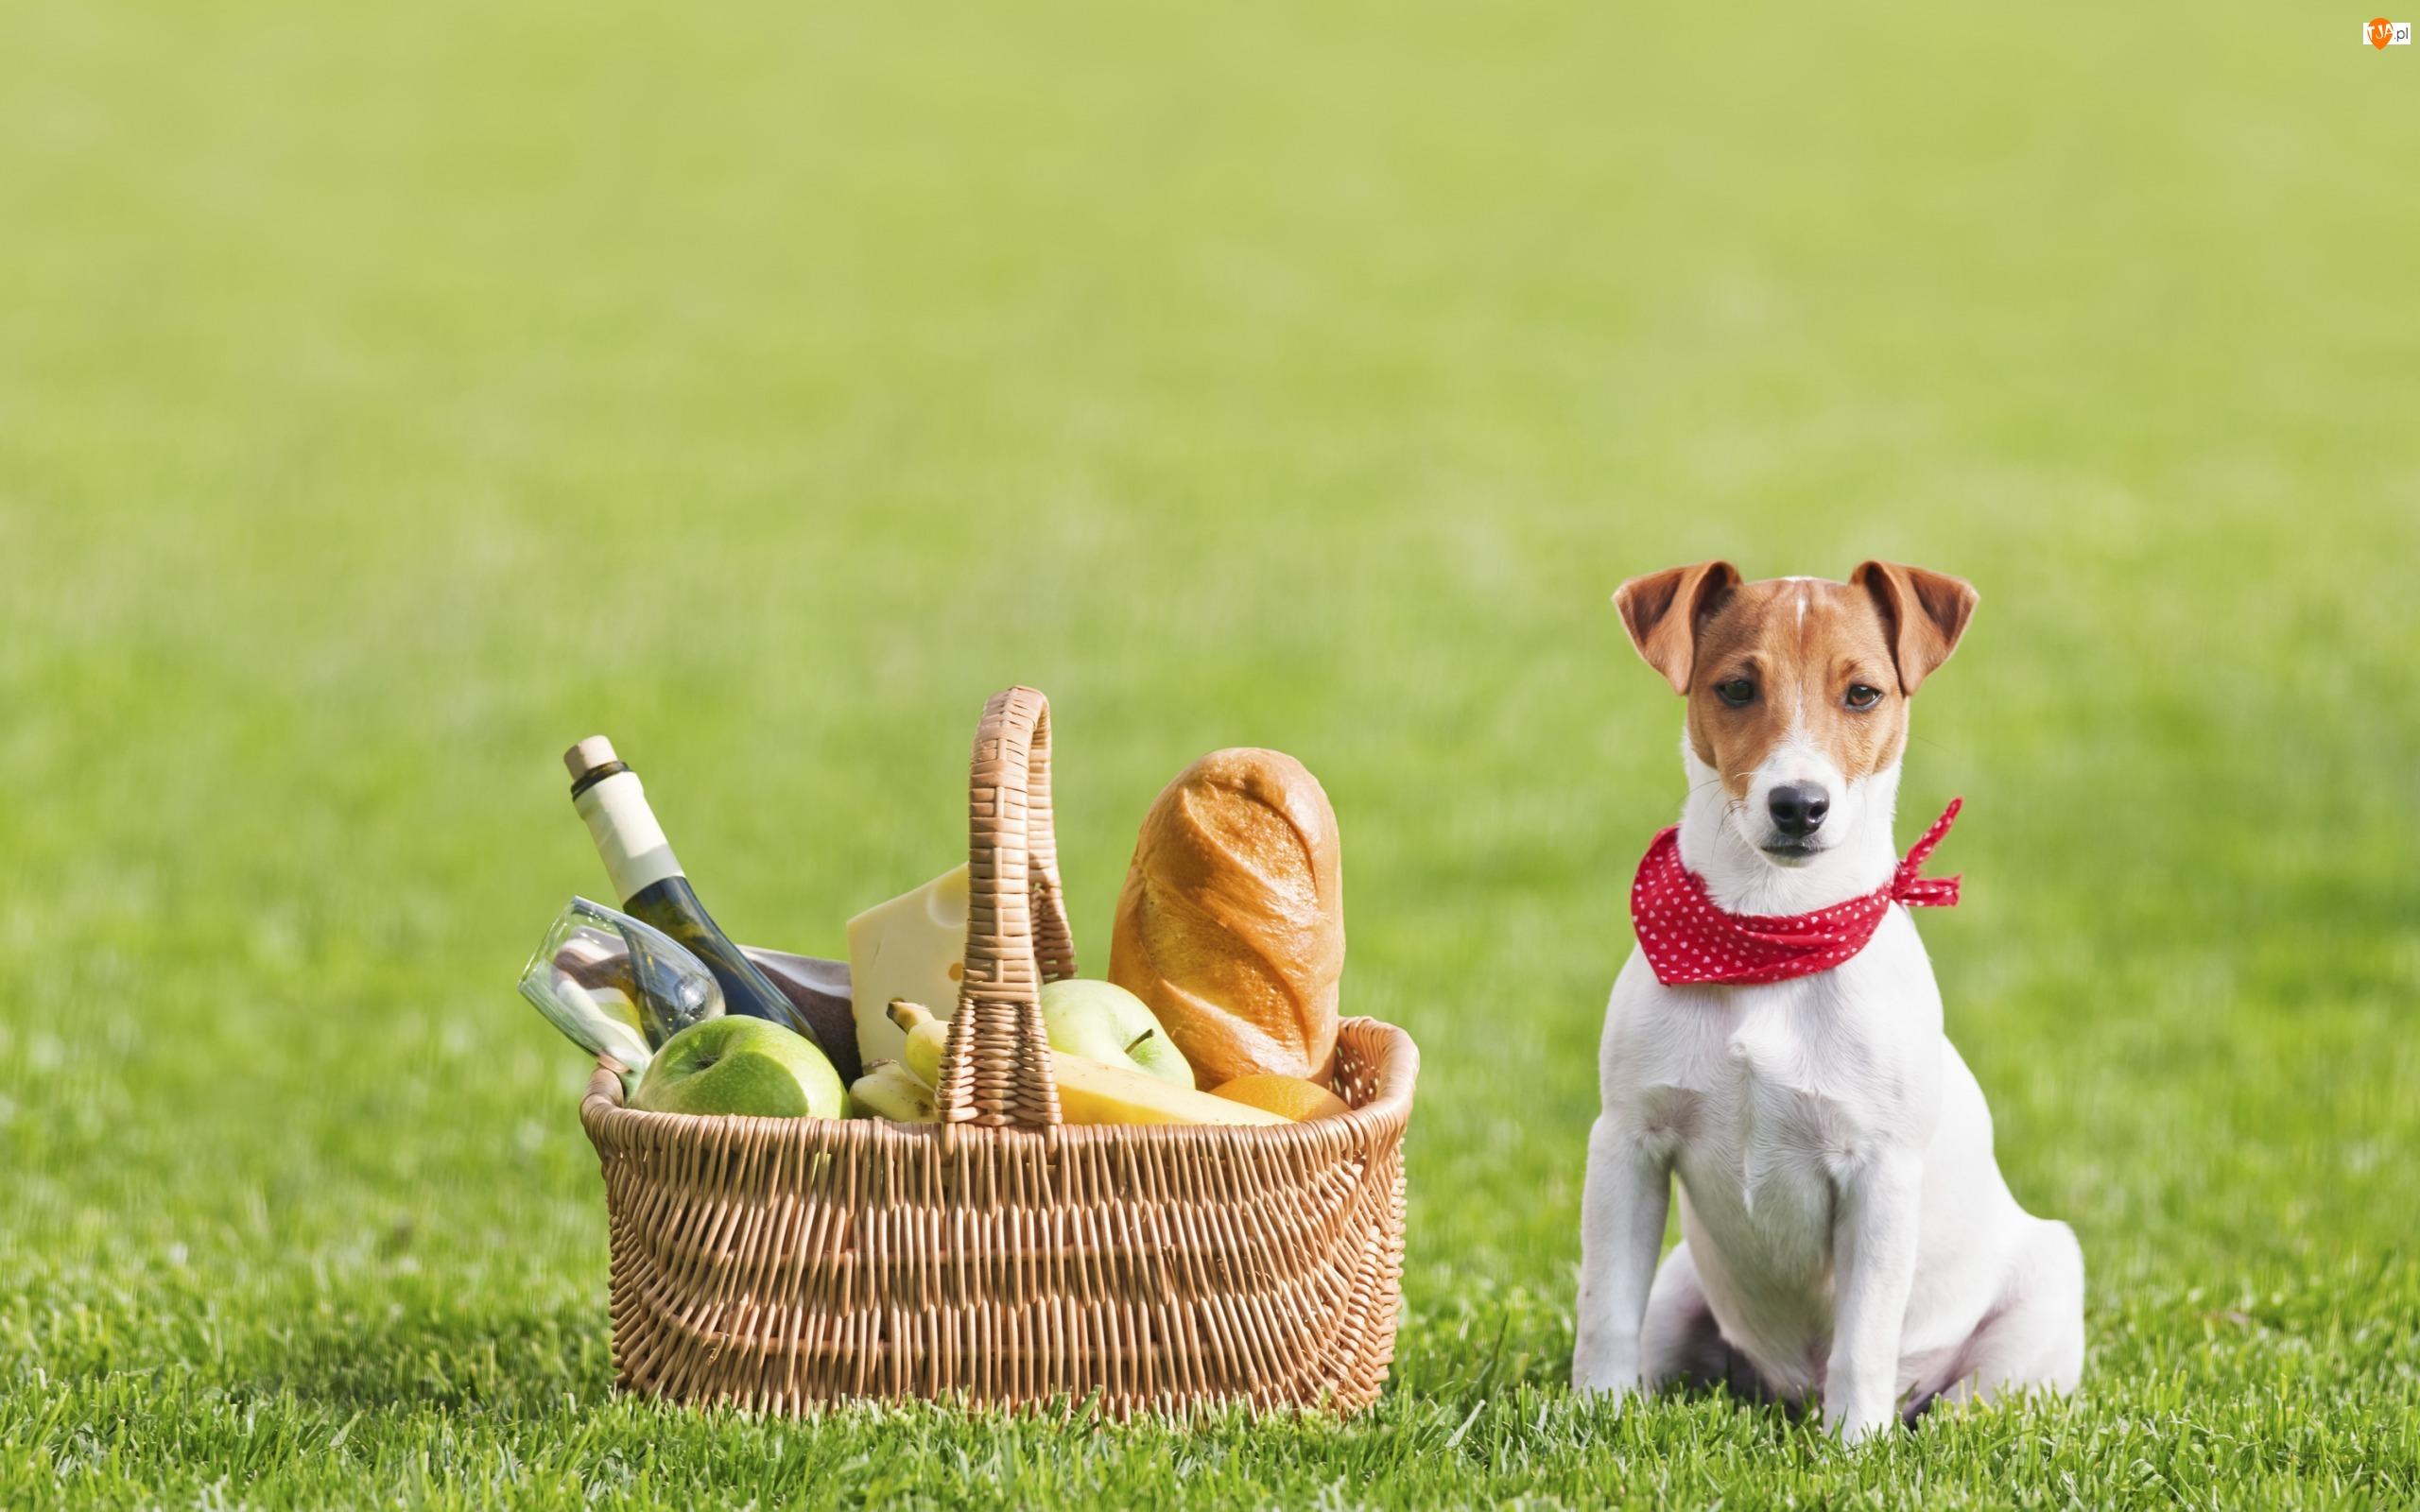 Jabłka, Koszyk, Jack Russell terrier, Pies, Piknik, Trawa, Chleb